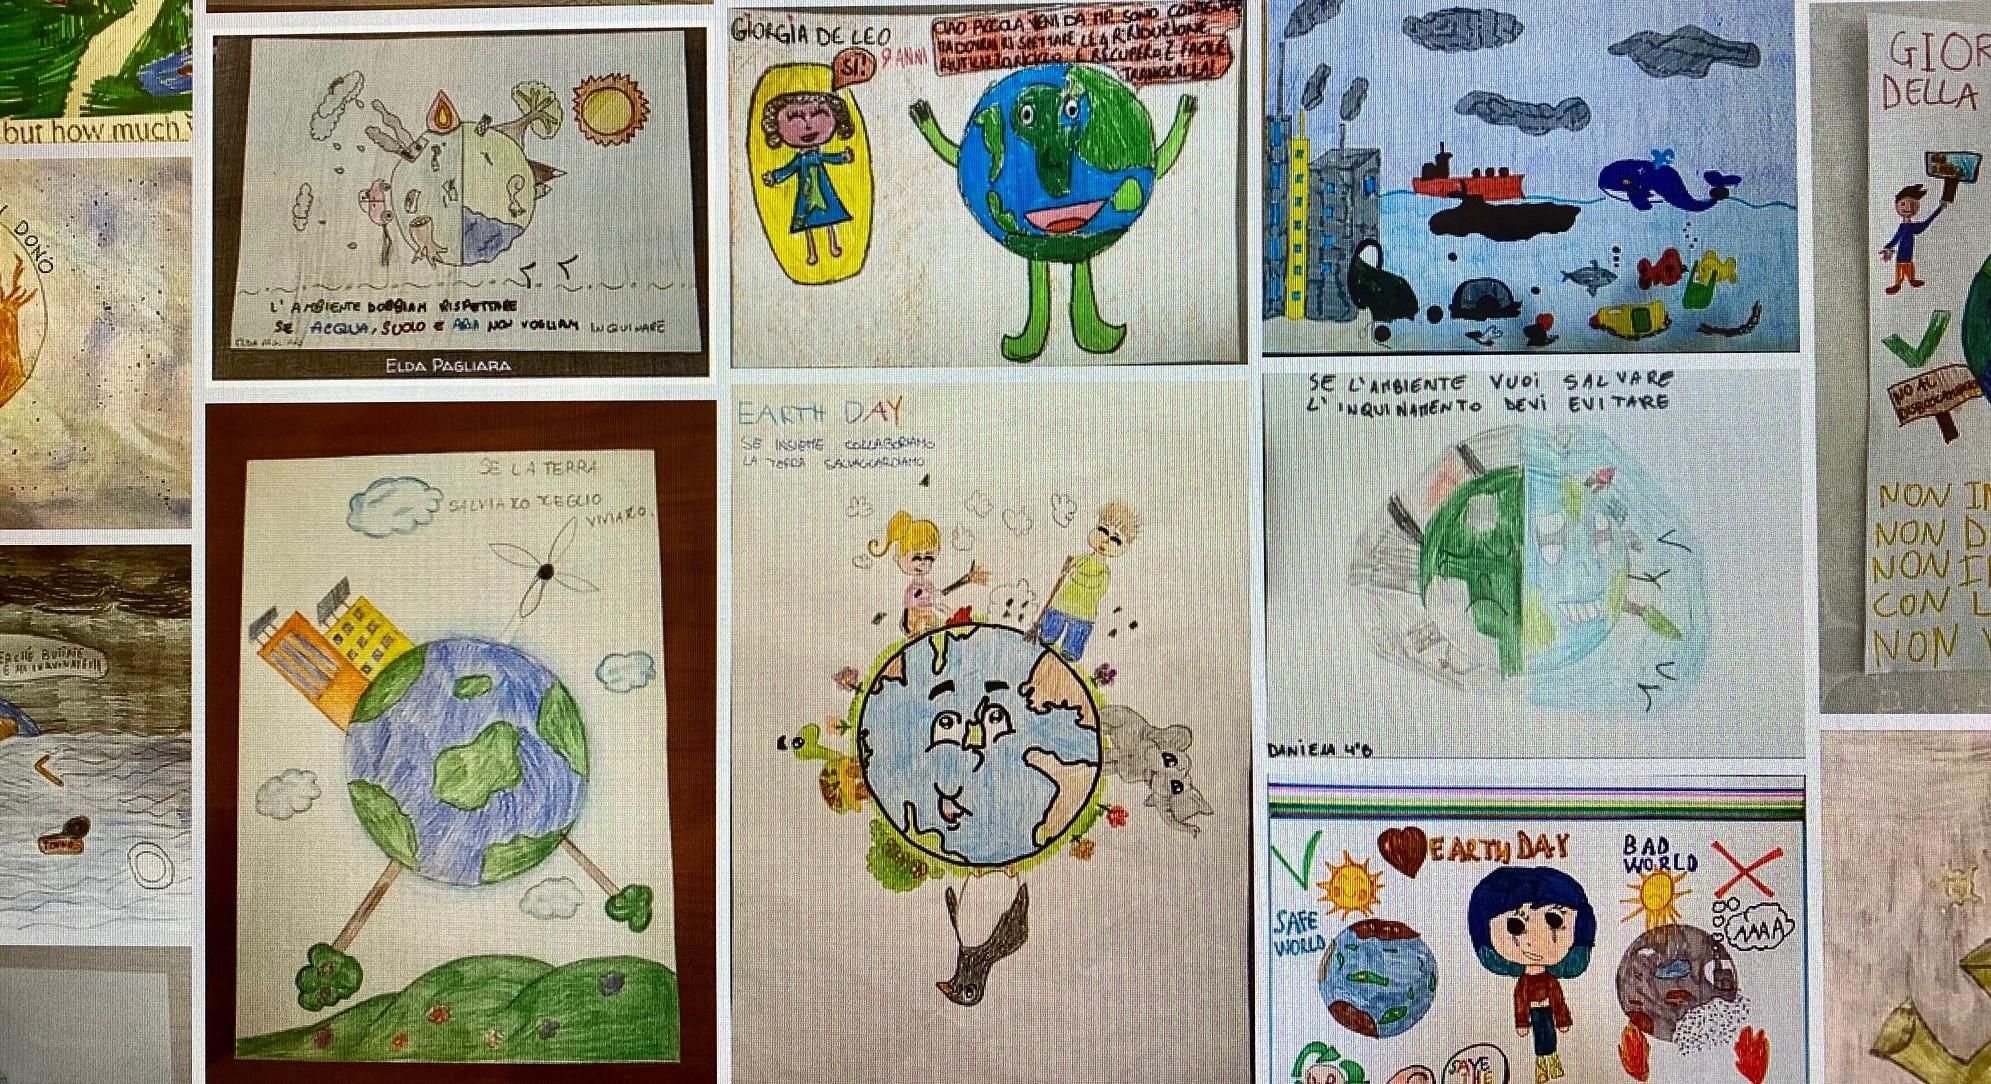 """Un social contest tra i più piccoli per parlare della """"terra e delle problematiche ambientali"""". L'Assessore Claudia Nitti: """"Il futuro è nelle loro mani!"""""""